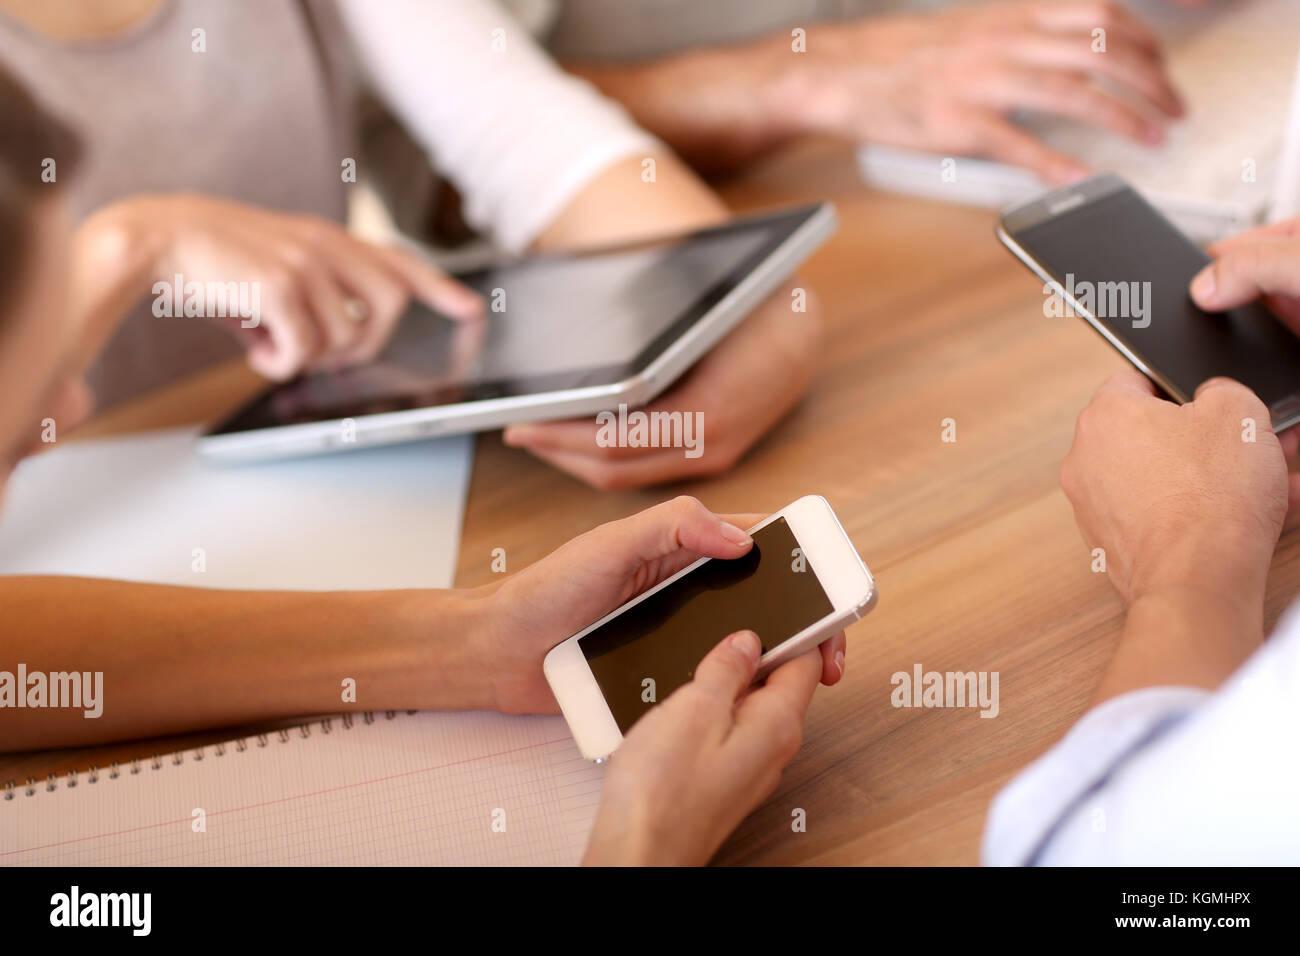 El grupo de gente de negocios mediante el uso de dispositivos electrónicos en el trabajo Foto de stock